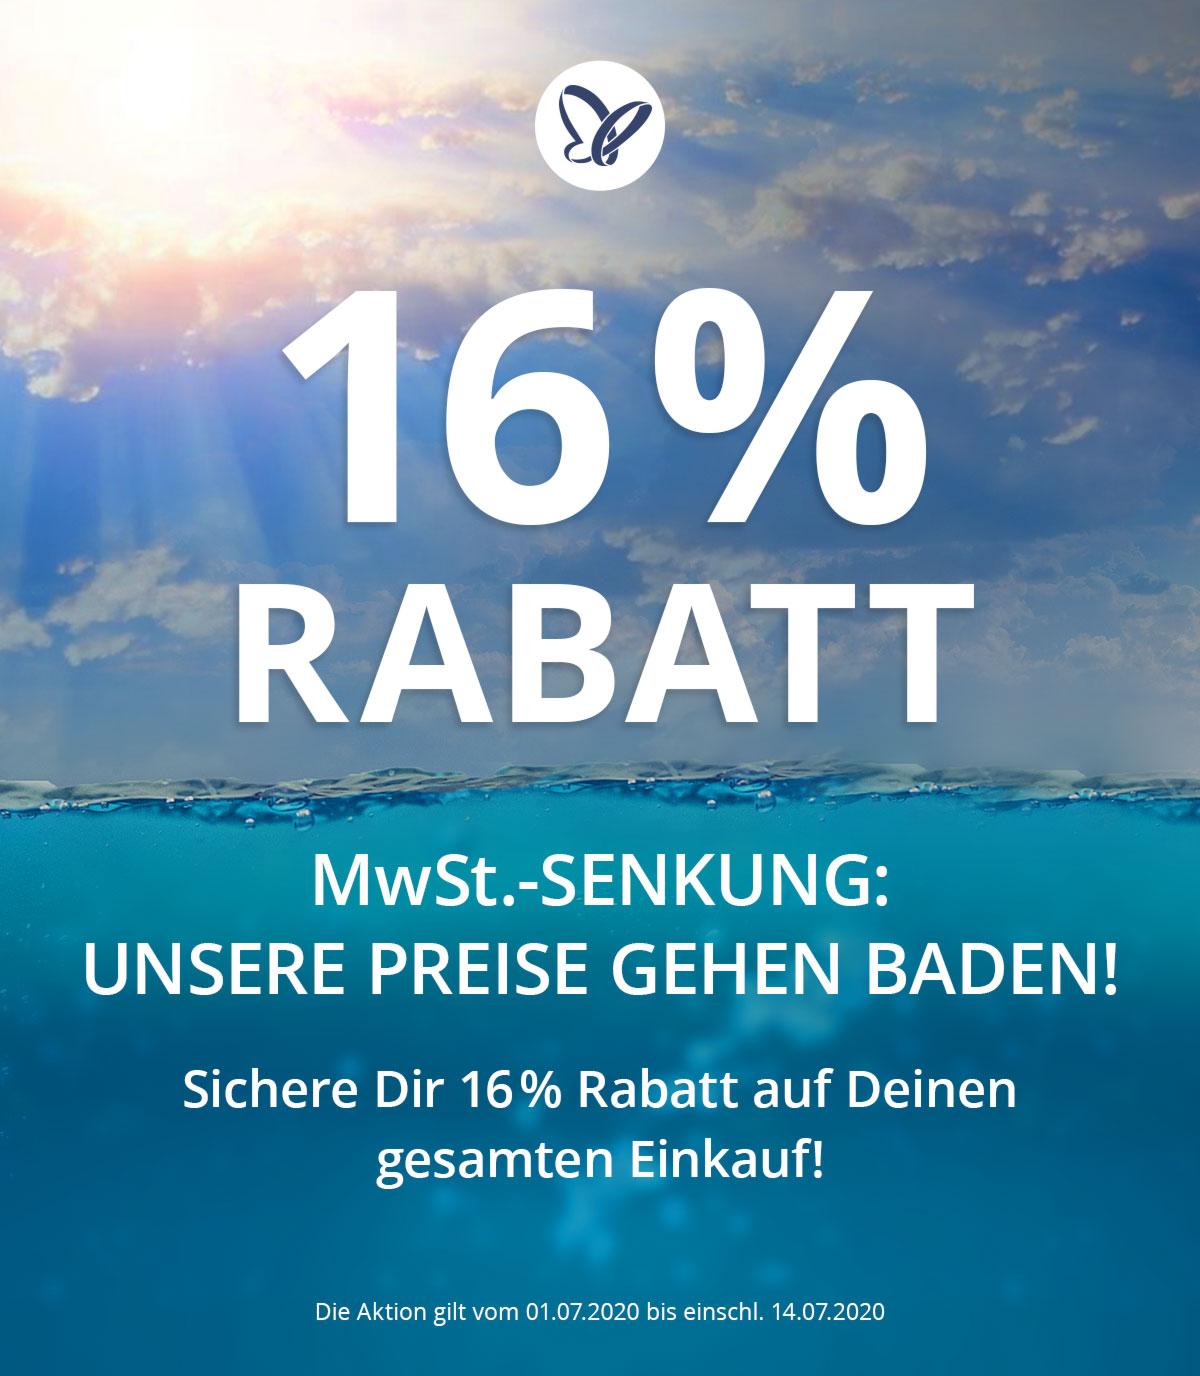 Rabattaktion Shop PSD-Tutorials.de